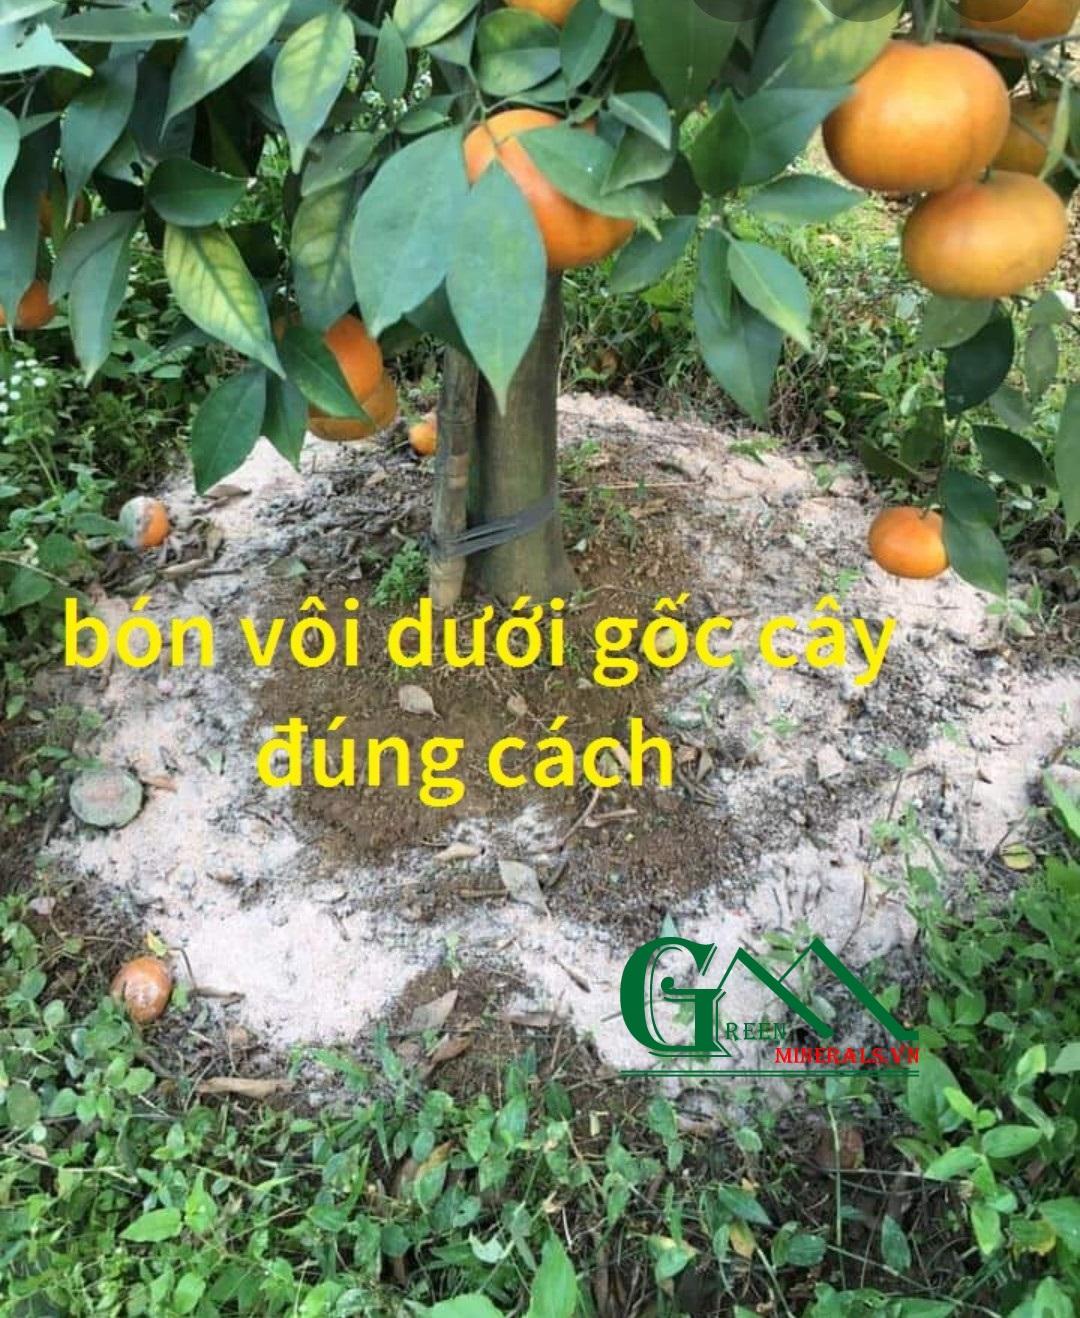 Bón vôi đúng cách - giải pháp canh tác bền vững cho cây ăn trái.